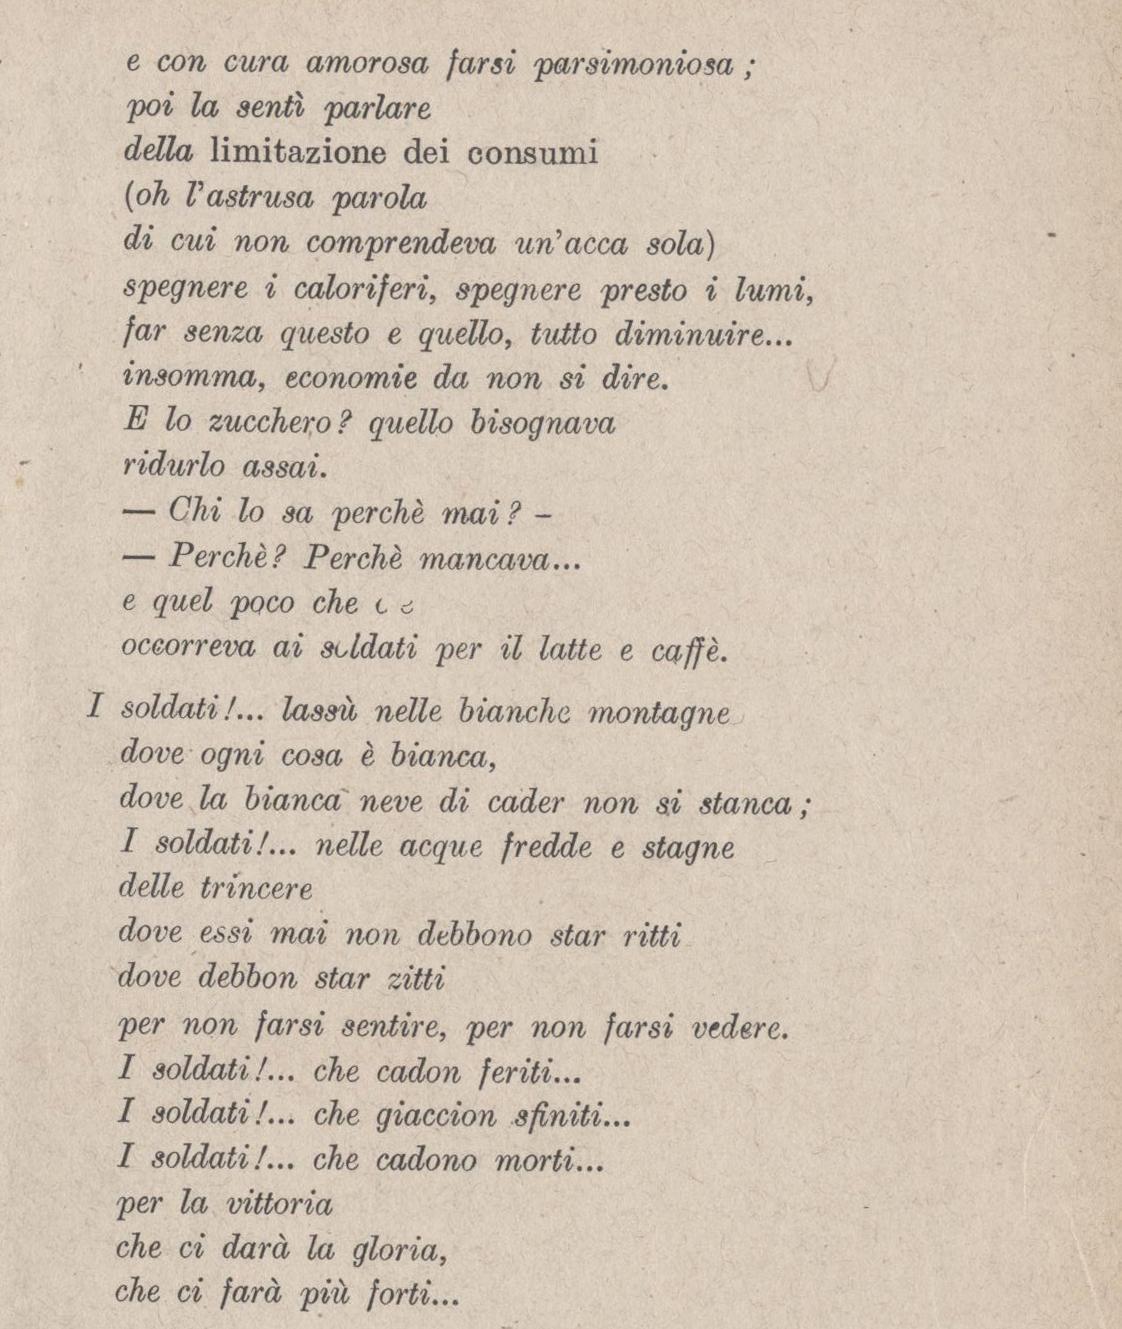 Novellino 1917 golosetta secondo